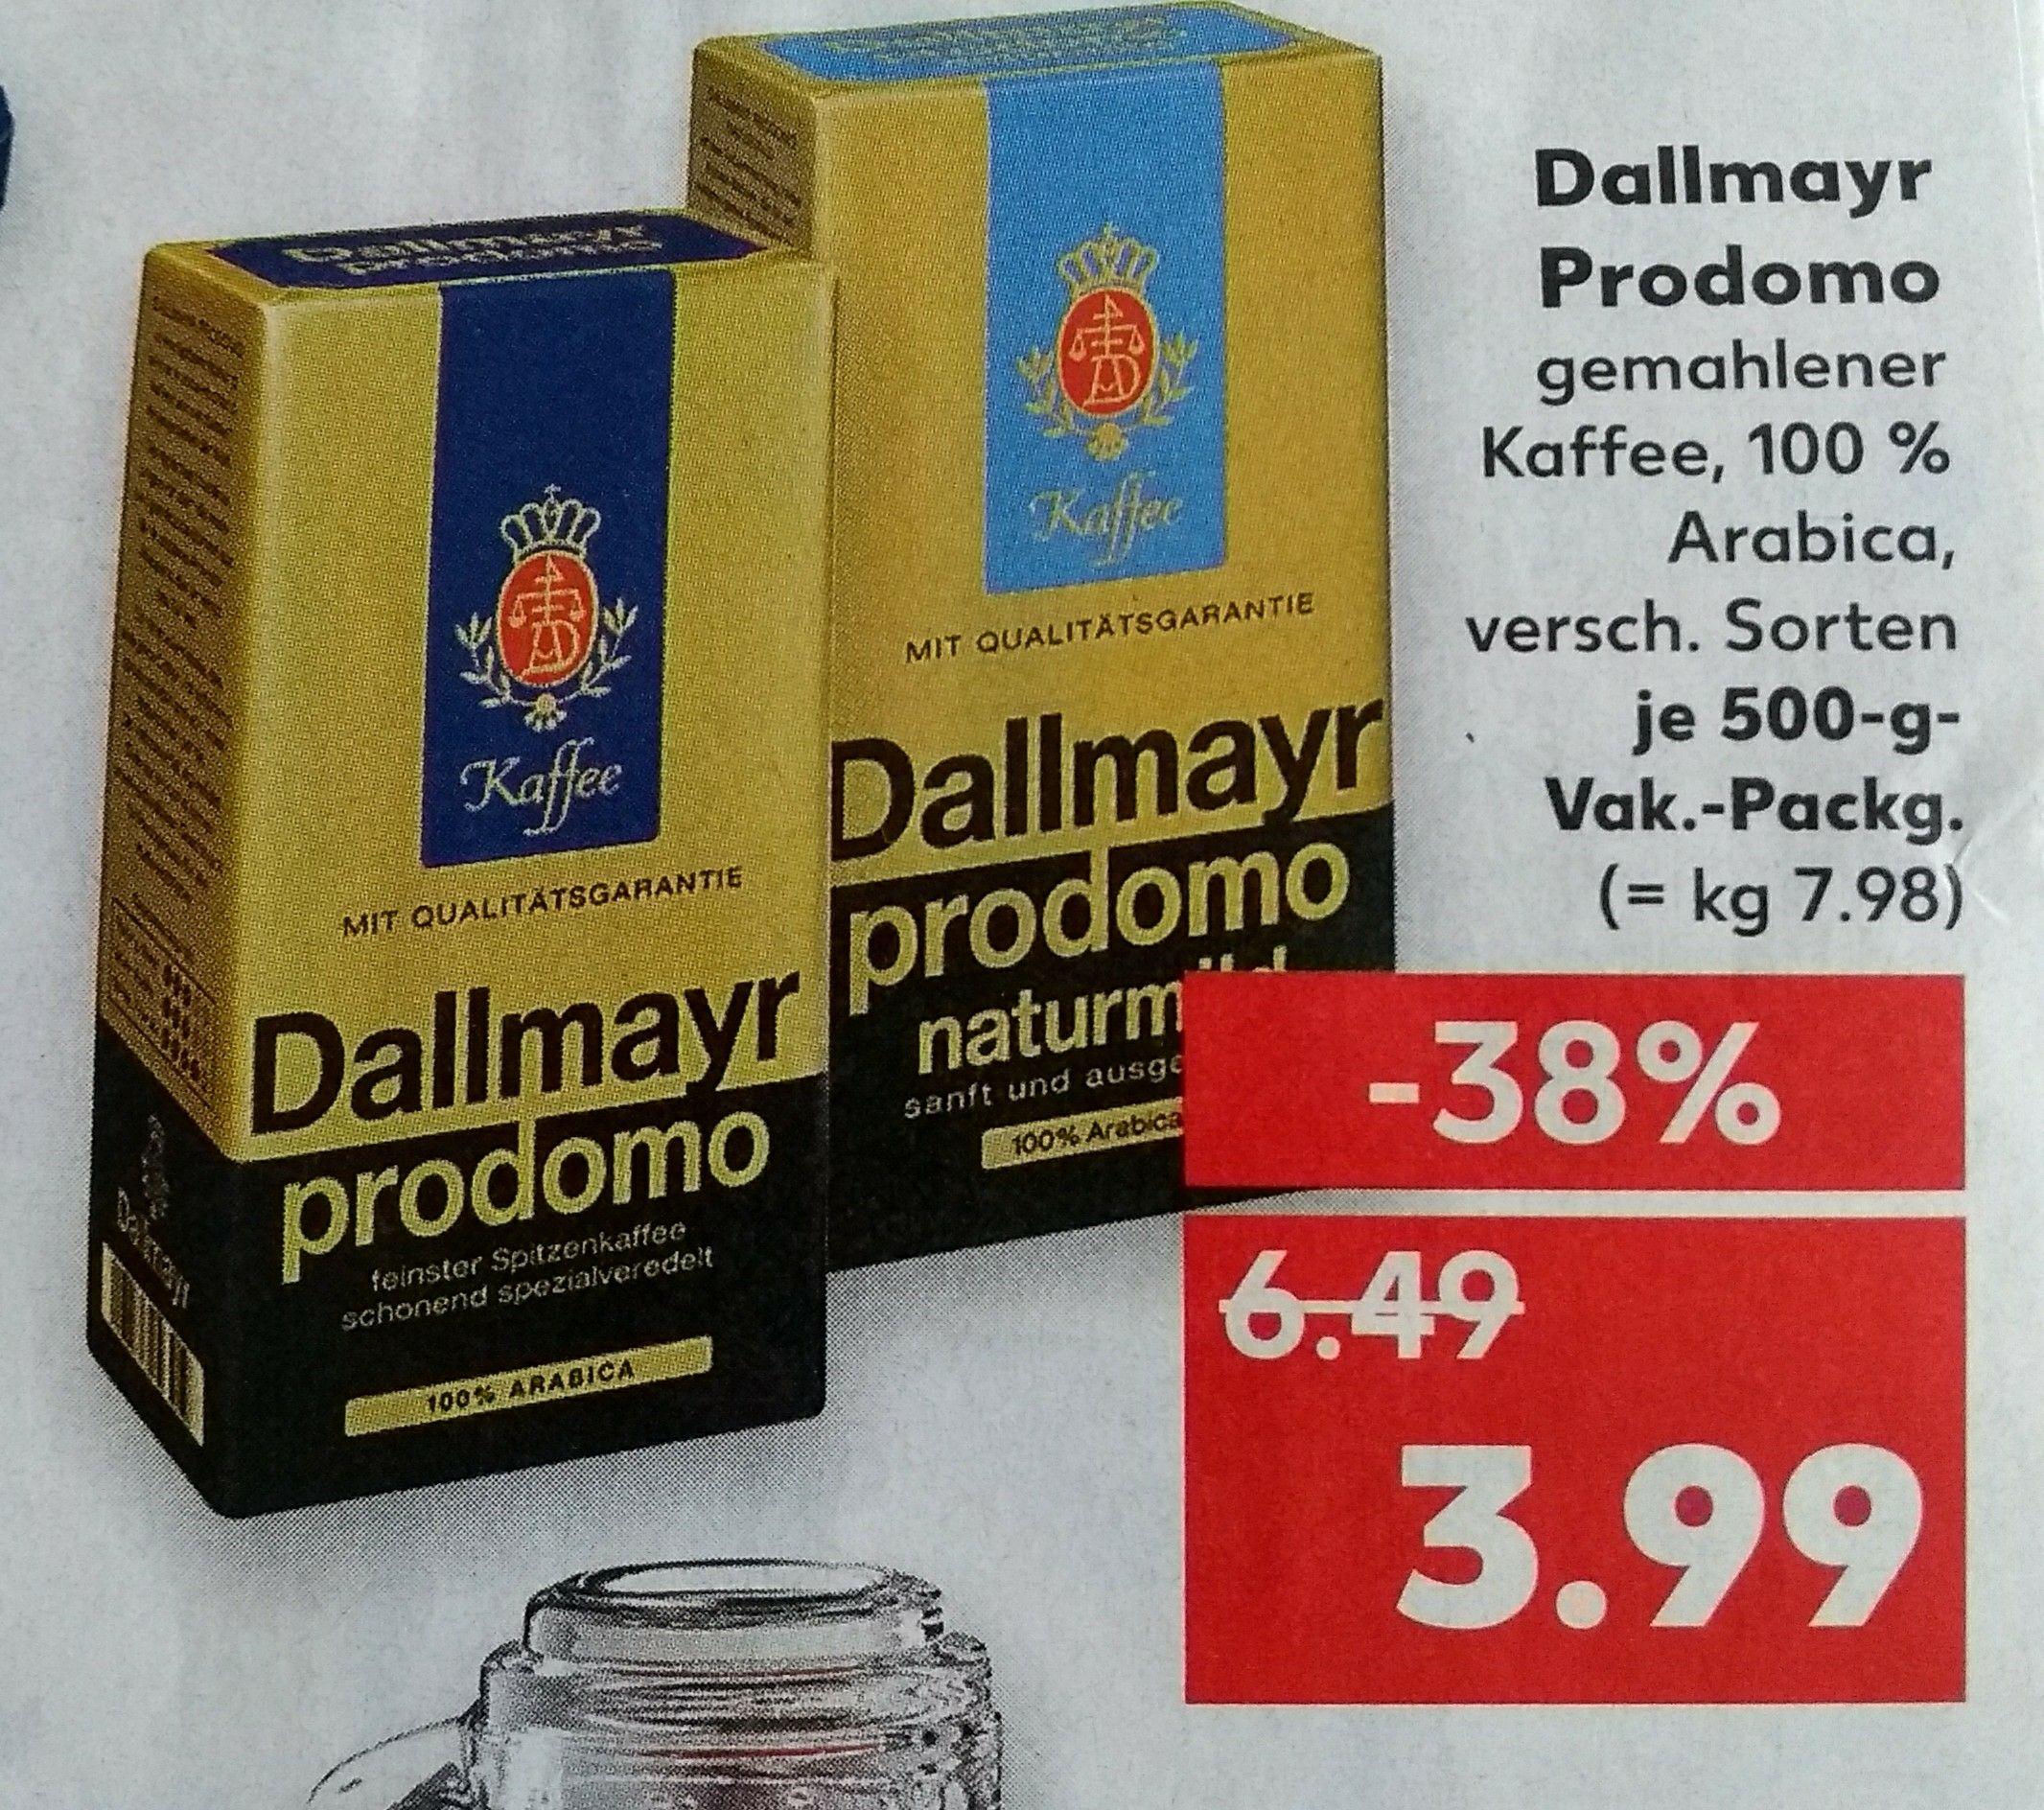 [Kaufland] Dallmayr Prodomo 3,99€ *bundesweit*